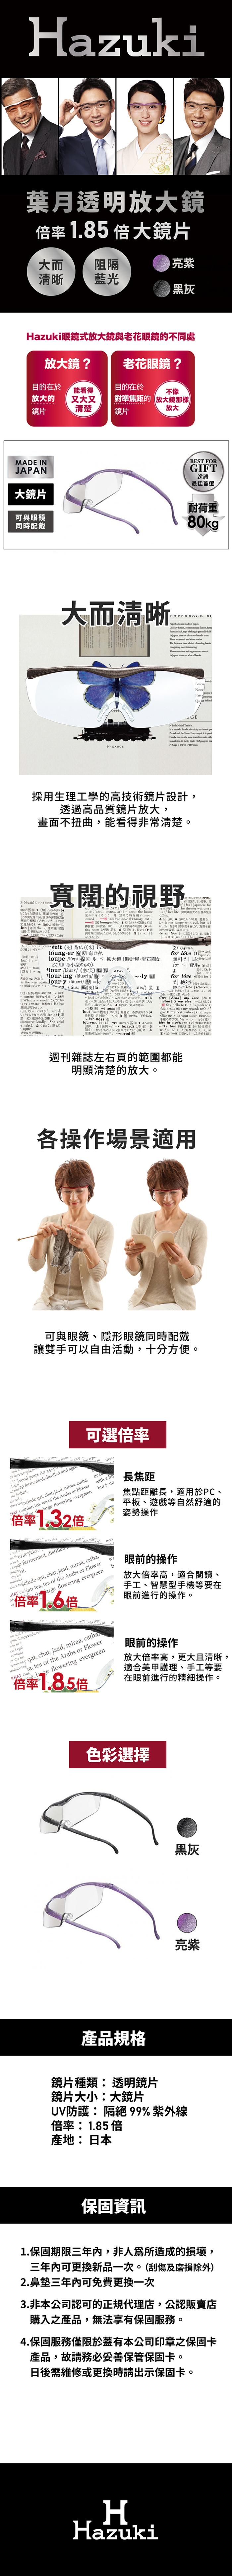 (複製)Hazuki|日本Hazuki葉月透明眼鏡式放大鏡1.6倍大鏡片(亮紫)